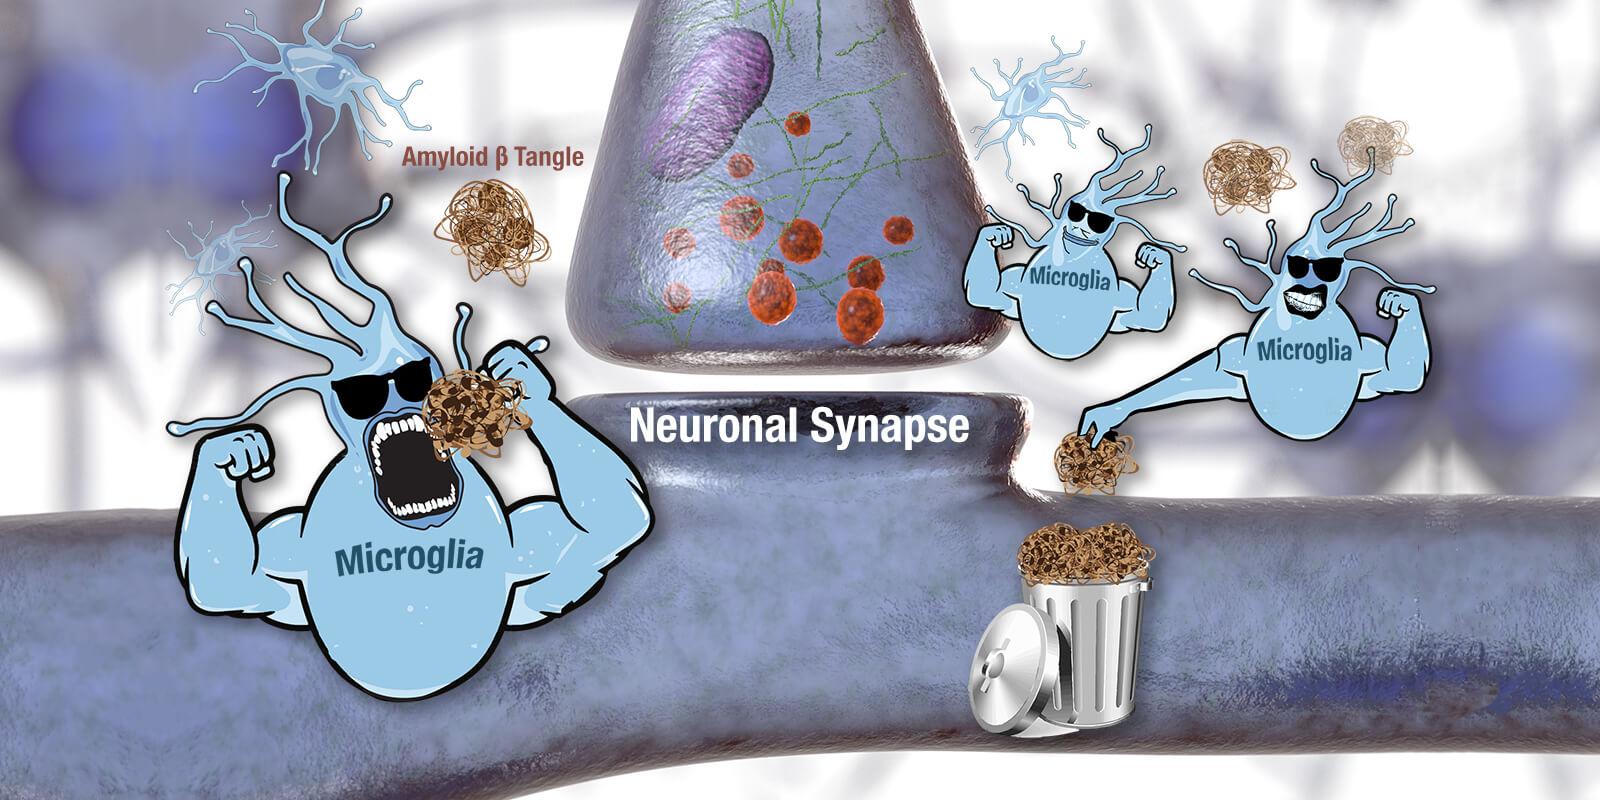 synapse-microglia illustration wide 1600x800.jpg